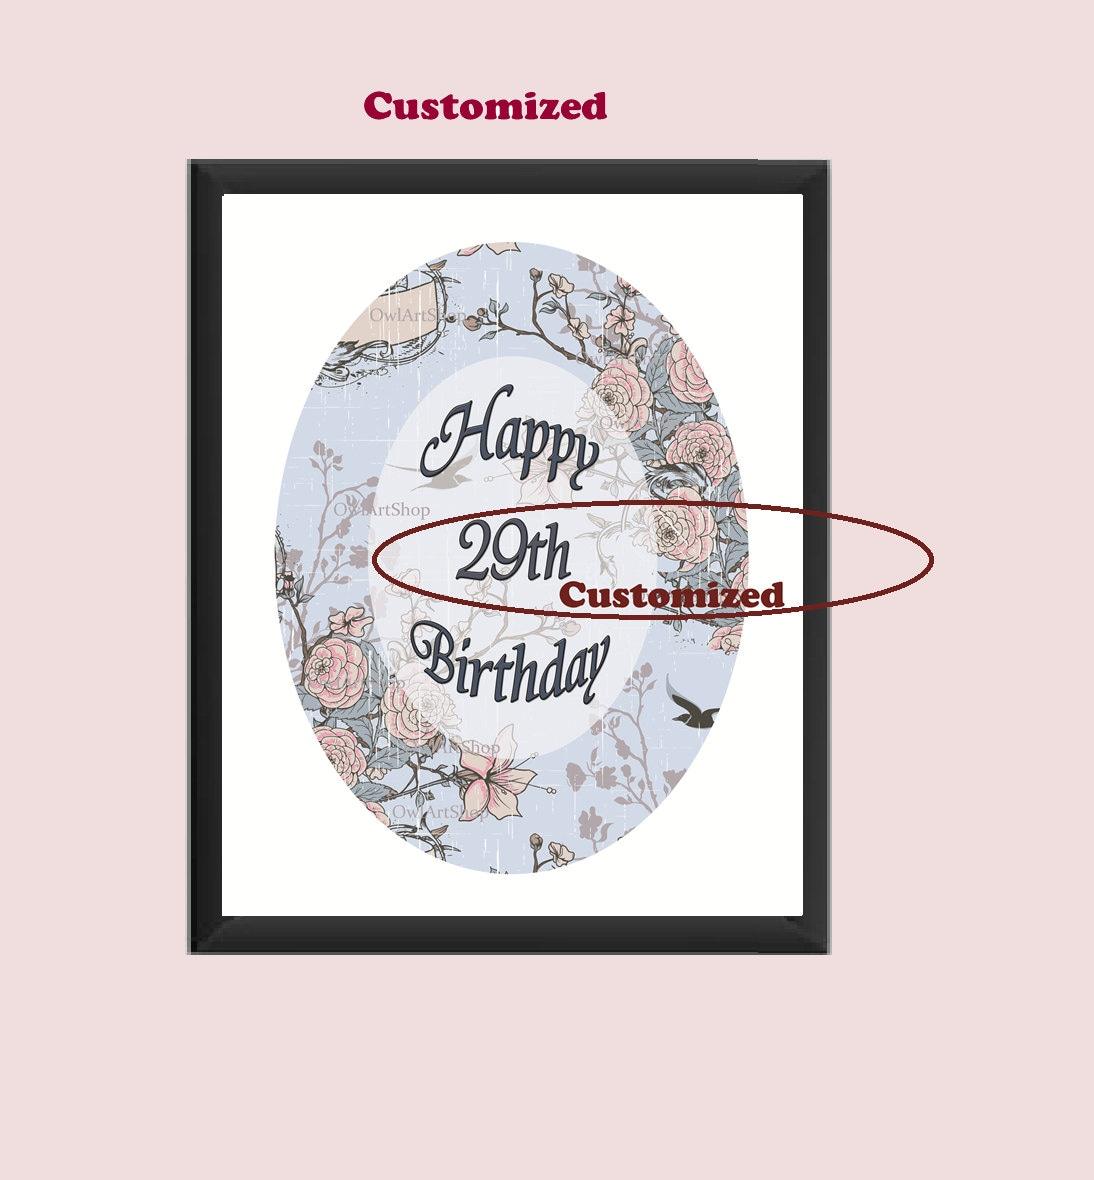 Happy Birthday 29th 39th 50th 75th Or Any Other By OwlArtShop